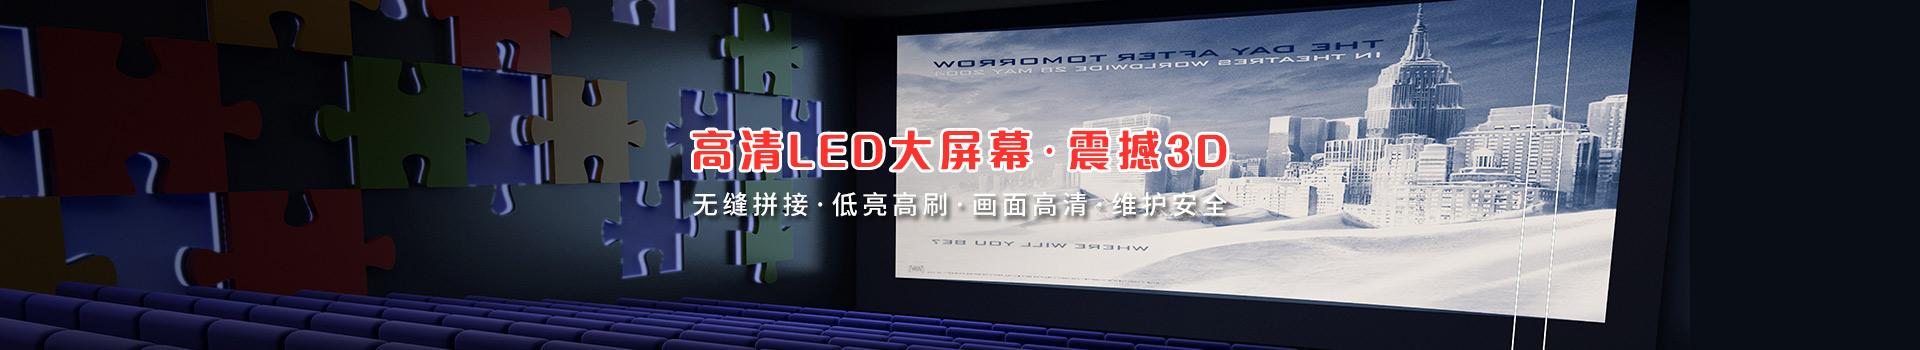 有恒电子-高清LED大屏幕  震撼3D